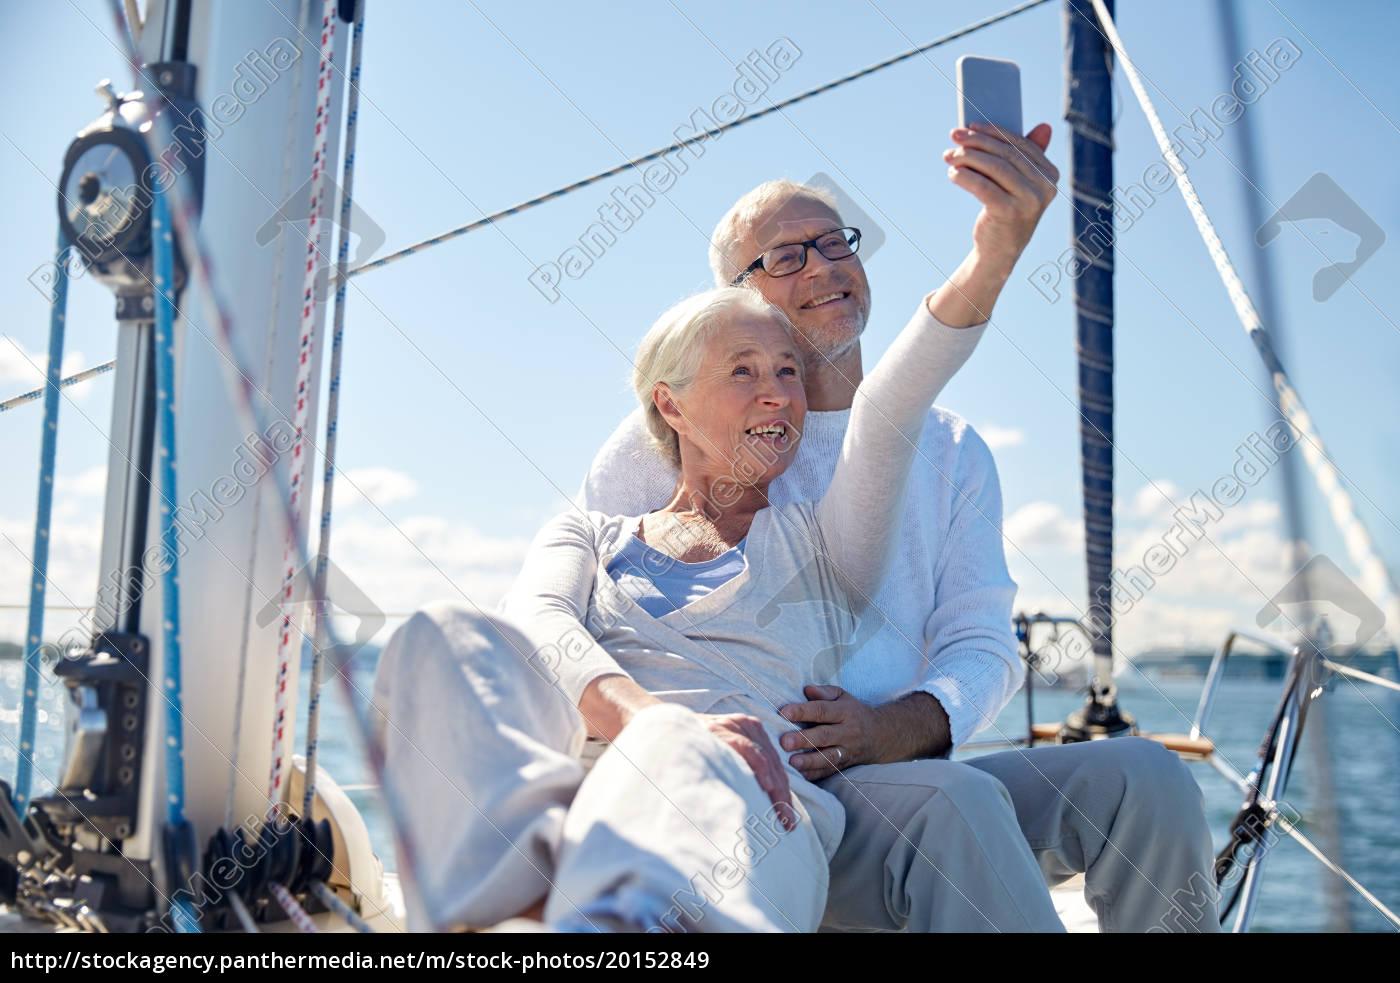 personas, mayores, con, teléfono, inteligente, tomando - 20152849